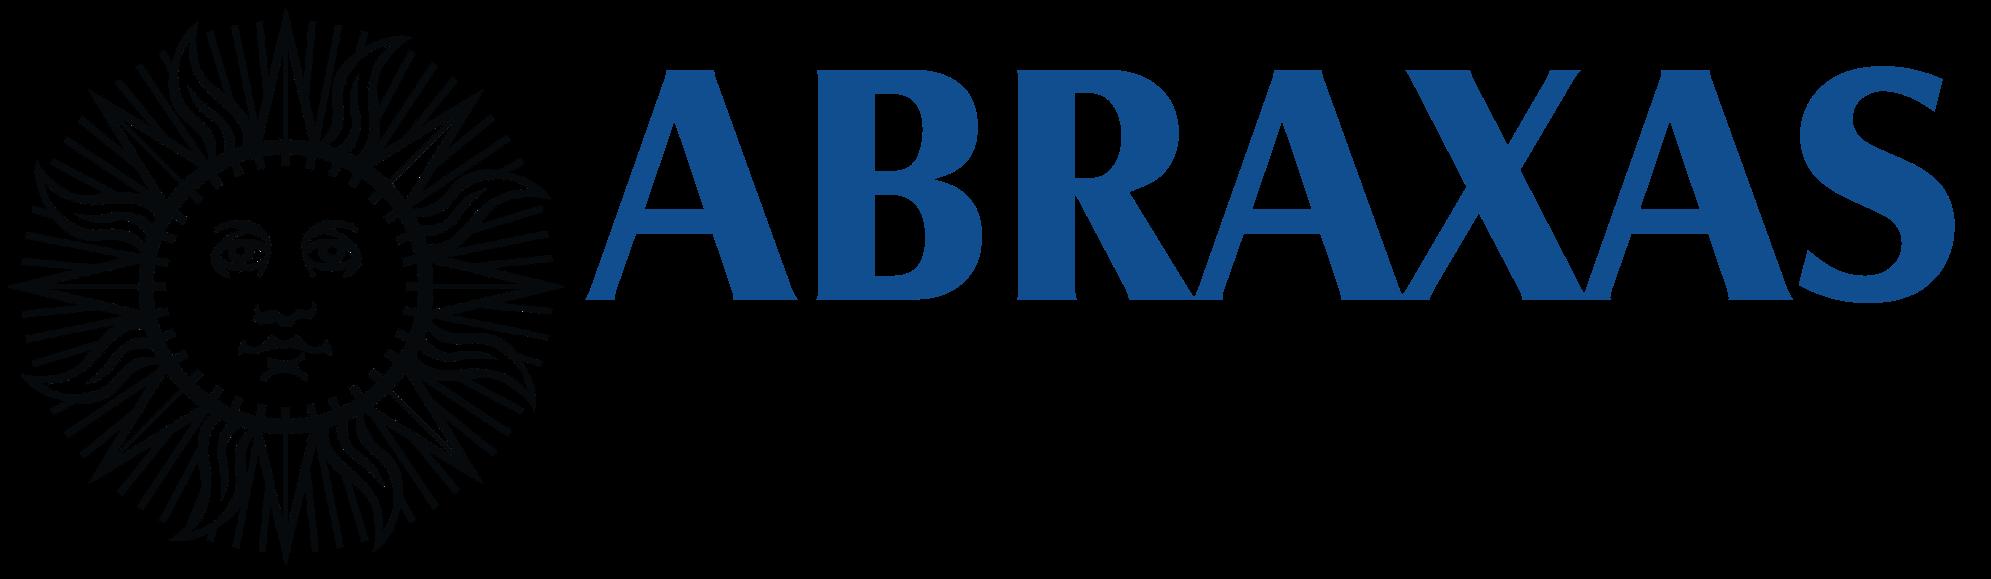 Abraxas Online Store